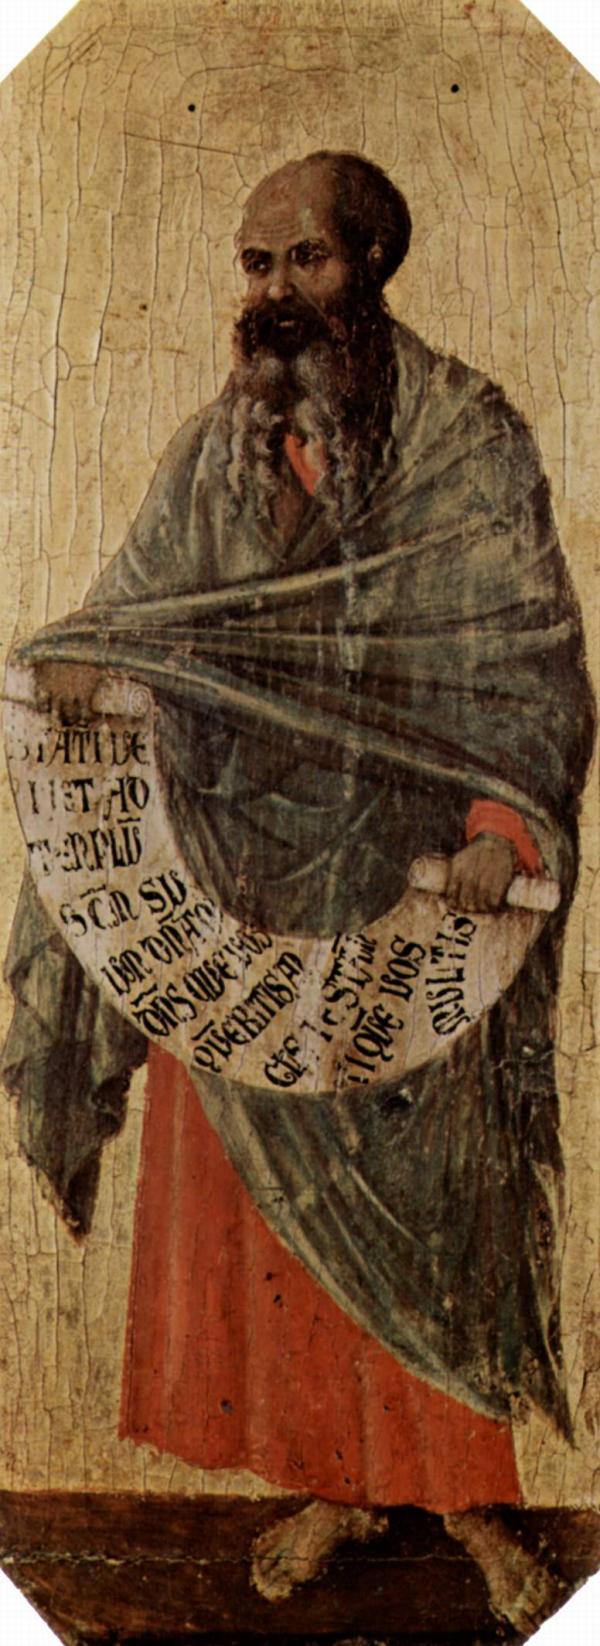 Duccio di Buoninsegna绘玛拉基(约1310-1311)